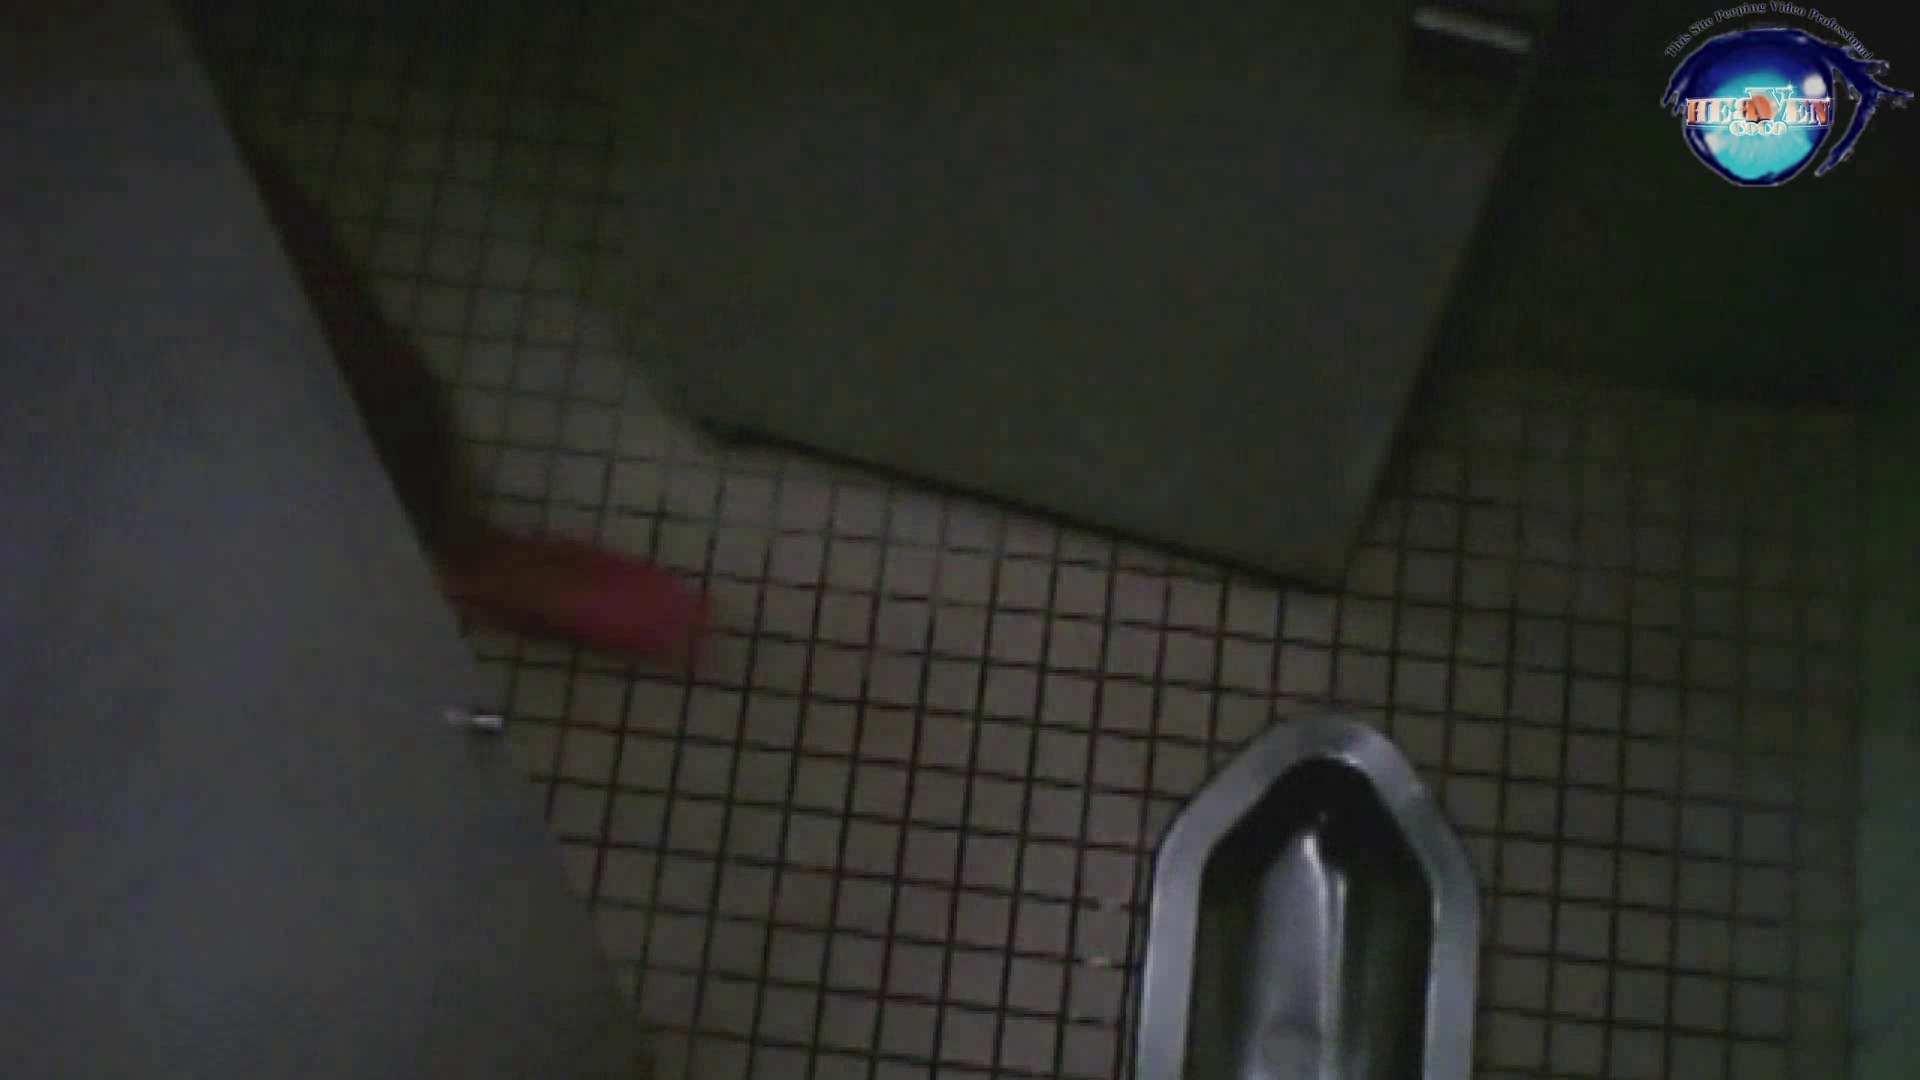 水泳大会選手の聖水 vol.09 トイレ突入 | 厠隠し撮り  85pic 61